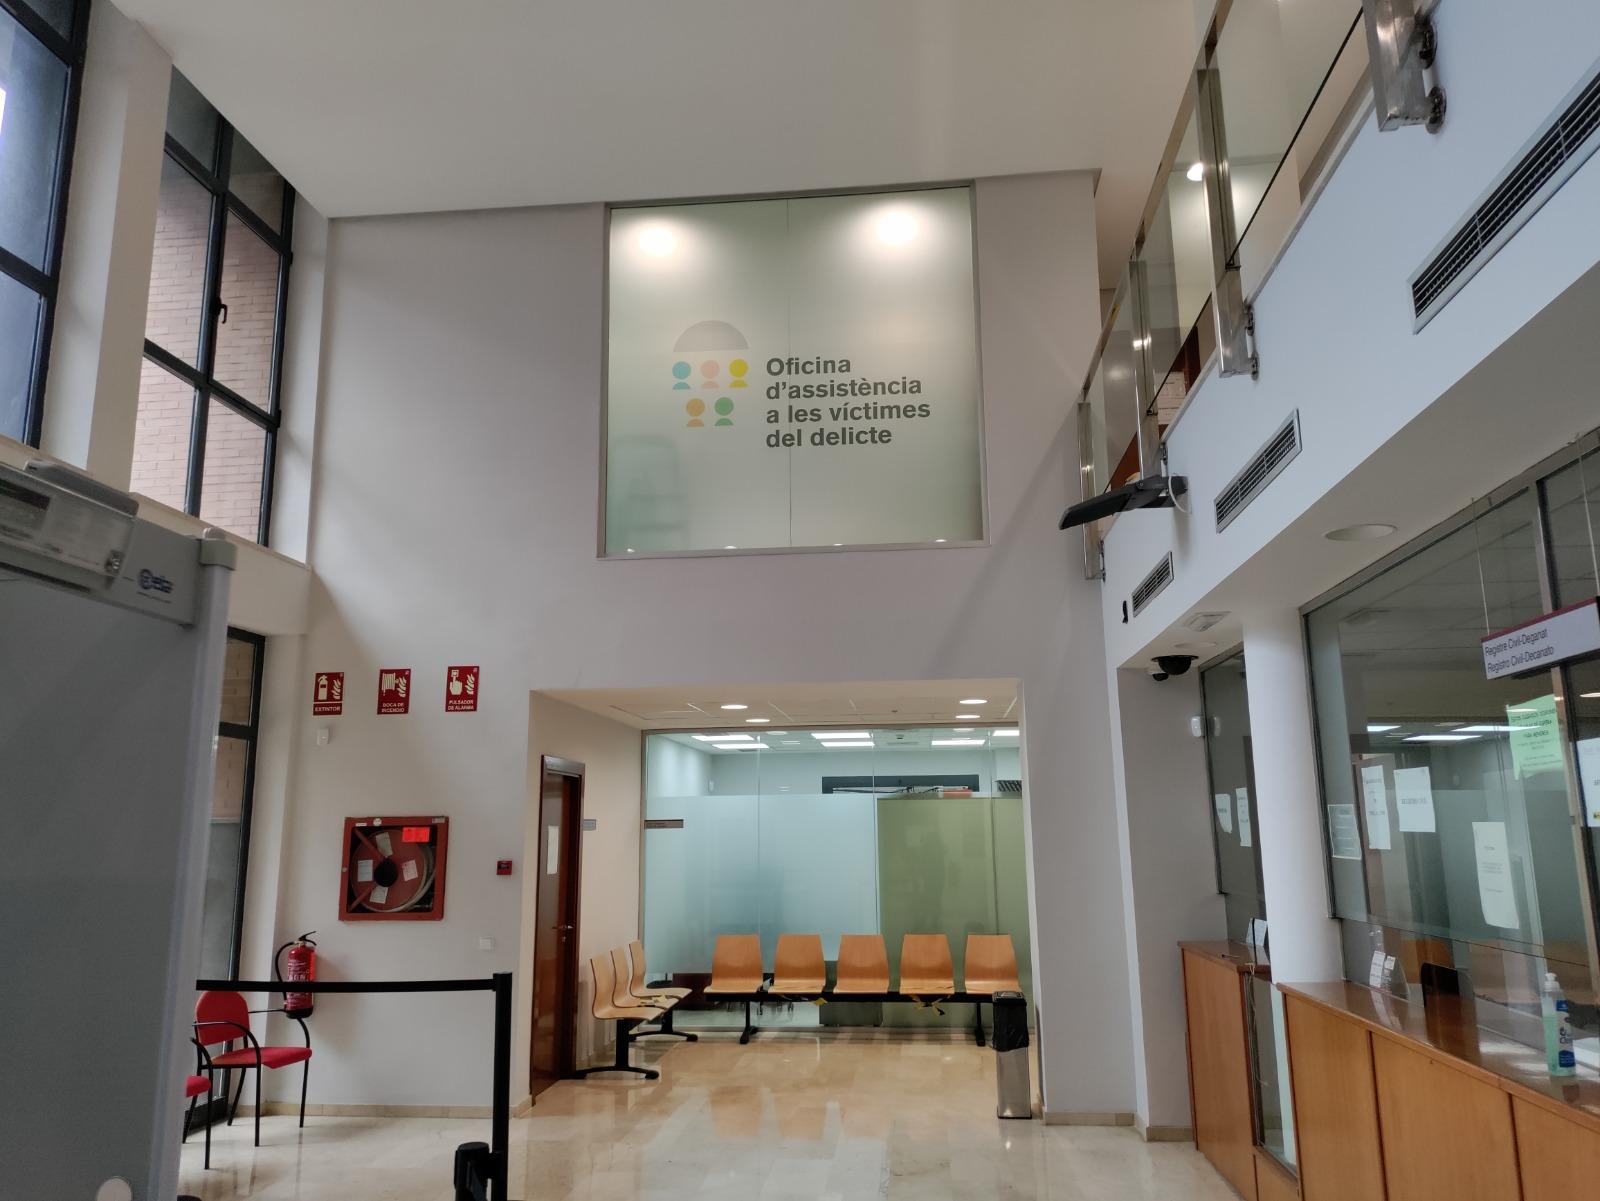 Finaliza la reforma de la Oficina de Asistencia a las Víctimas del Delito de Carlet